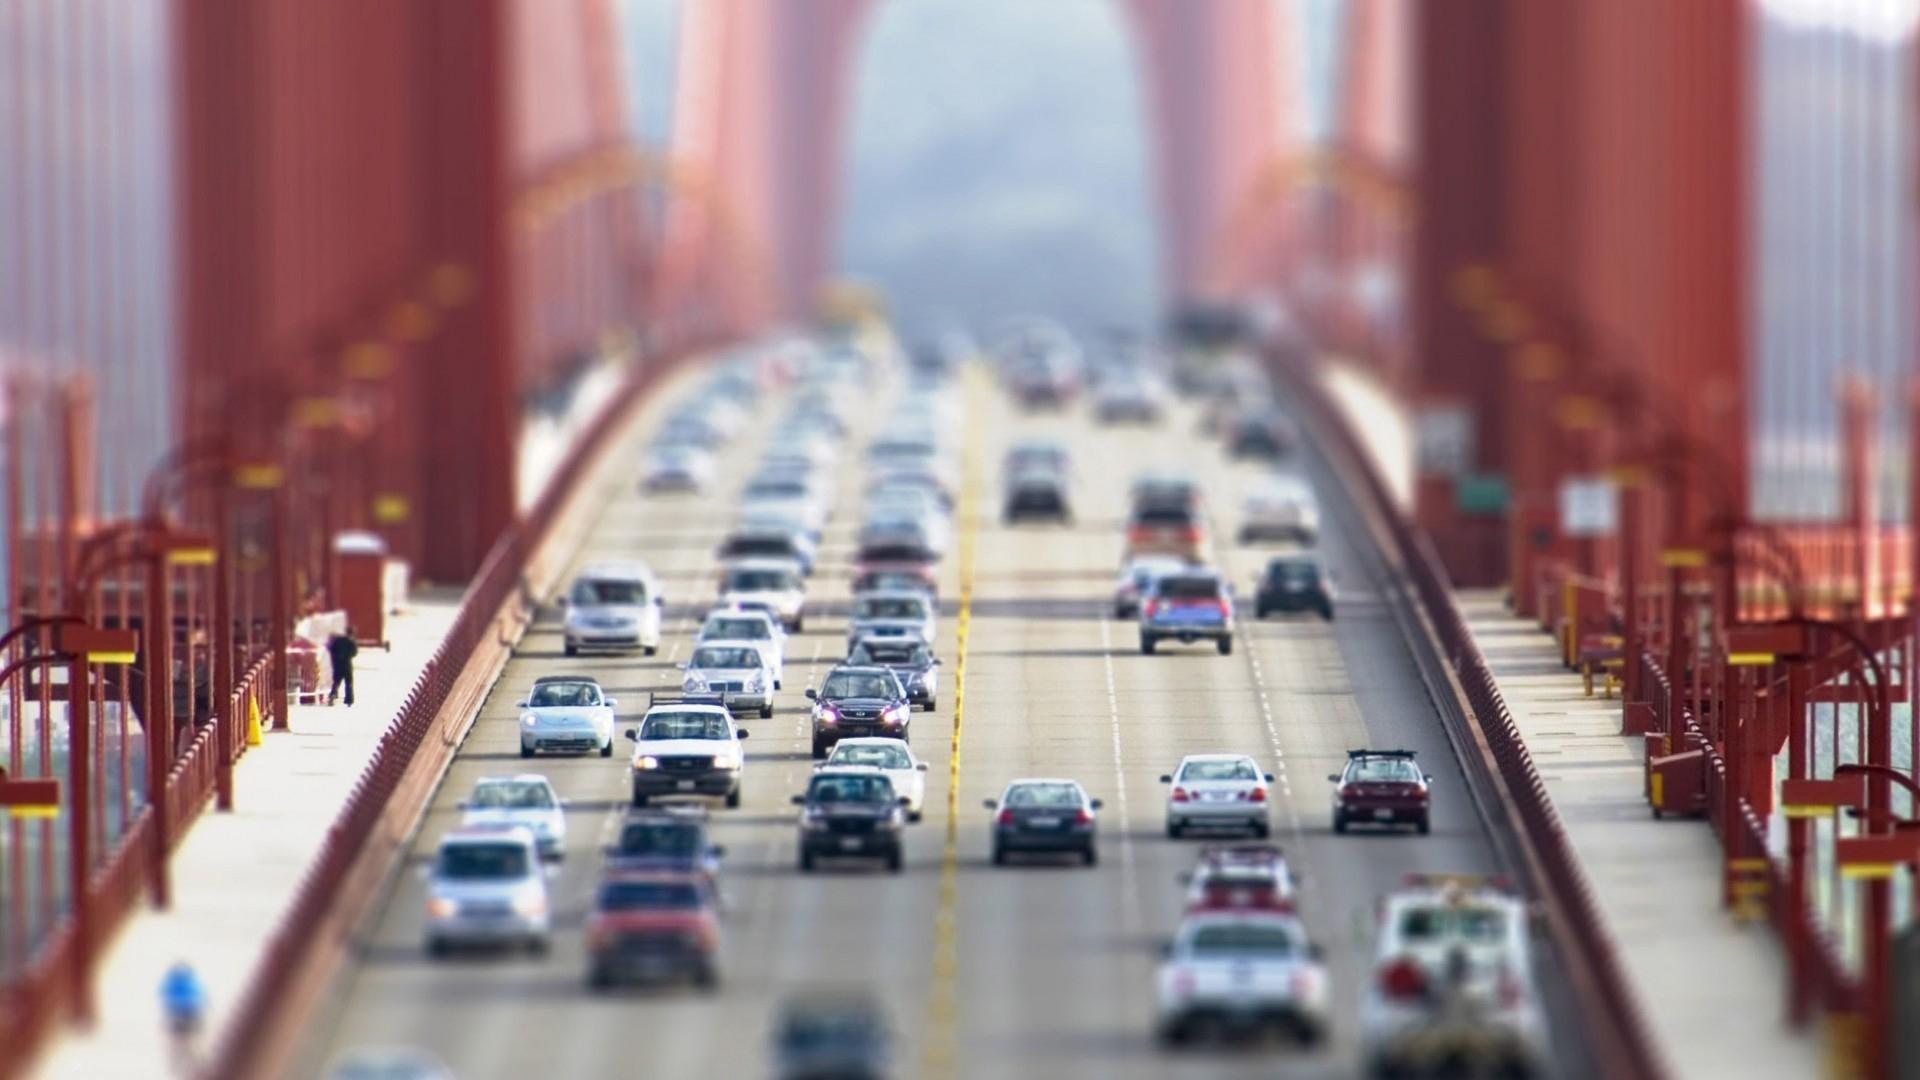 Скачать картинку Пейзаж, Мосты, Дороги в телефон бесплатно.